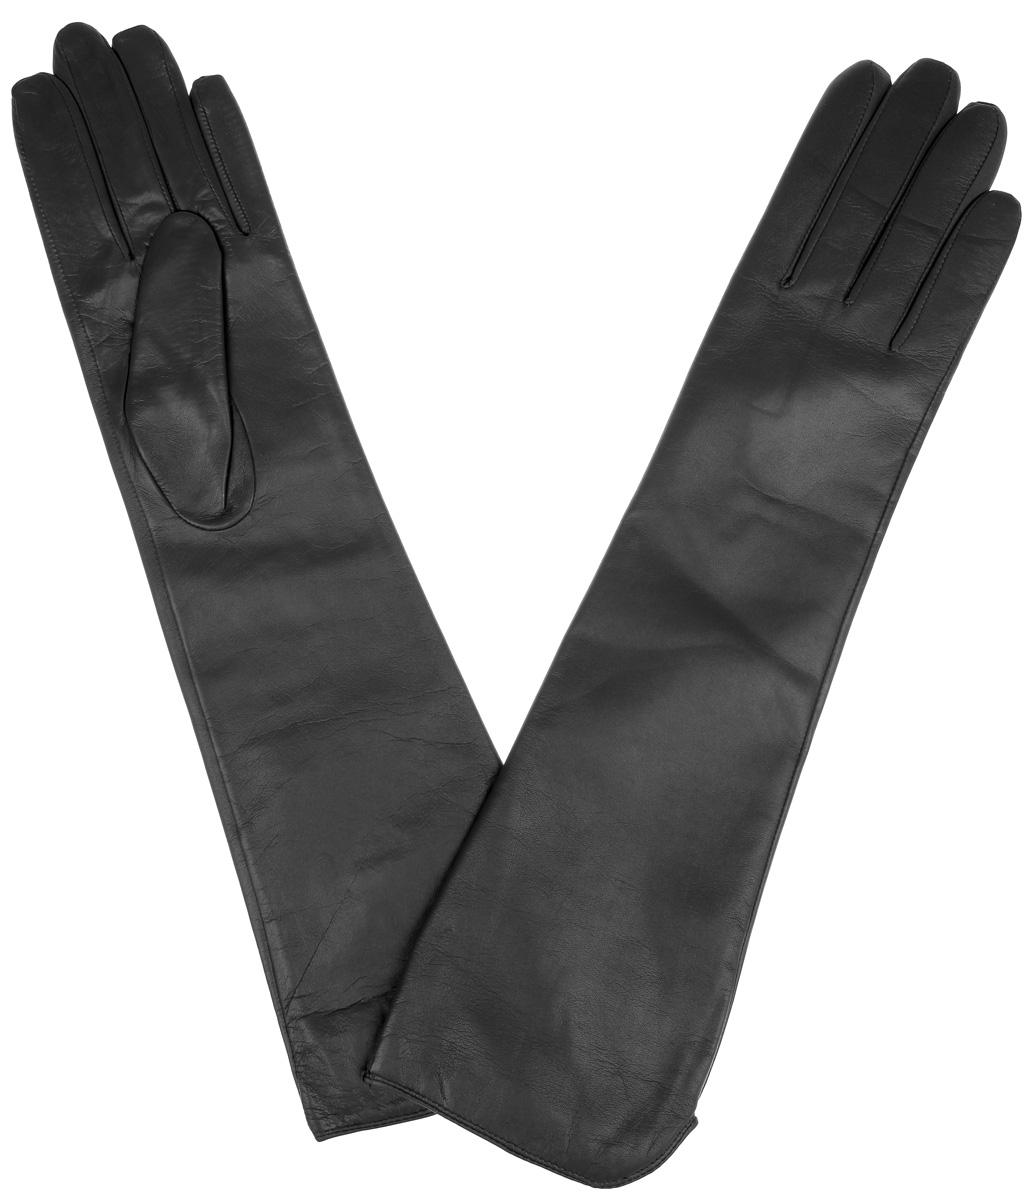 Перчатки женские Labbra, цвет: темно-баклажановый. LB-2002. Размер 7,5LB-2002Элегантные удлиненные женские перчатки Labbra станут великолепным дополнением вашего образа и защитят ваши руки от холода и ветра во время прогулок.Перчатки выполнены из натуральной кожи и имеют подкладку из шерсти с добавлением акрила, что позволяет им надежно сохранять тепло и обеспечивает высокую гигроскопичность. Удлиненные манжеты подчеркнут изящество ваших рук. Такие перчатки будут оригинальным завершающим штрихом в создании современного модного образа, они подчеркнут ваш изысканный вкус и станут незаменимым и практичным аксессуаром.